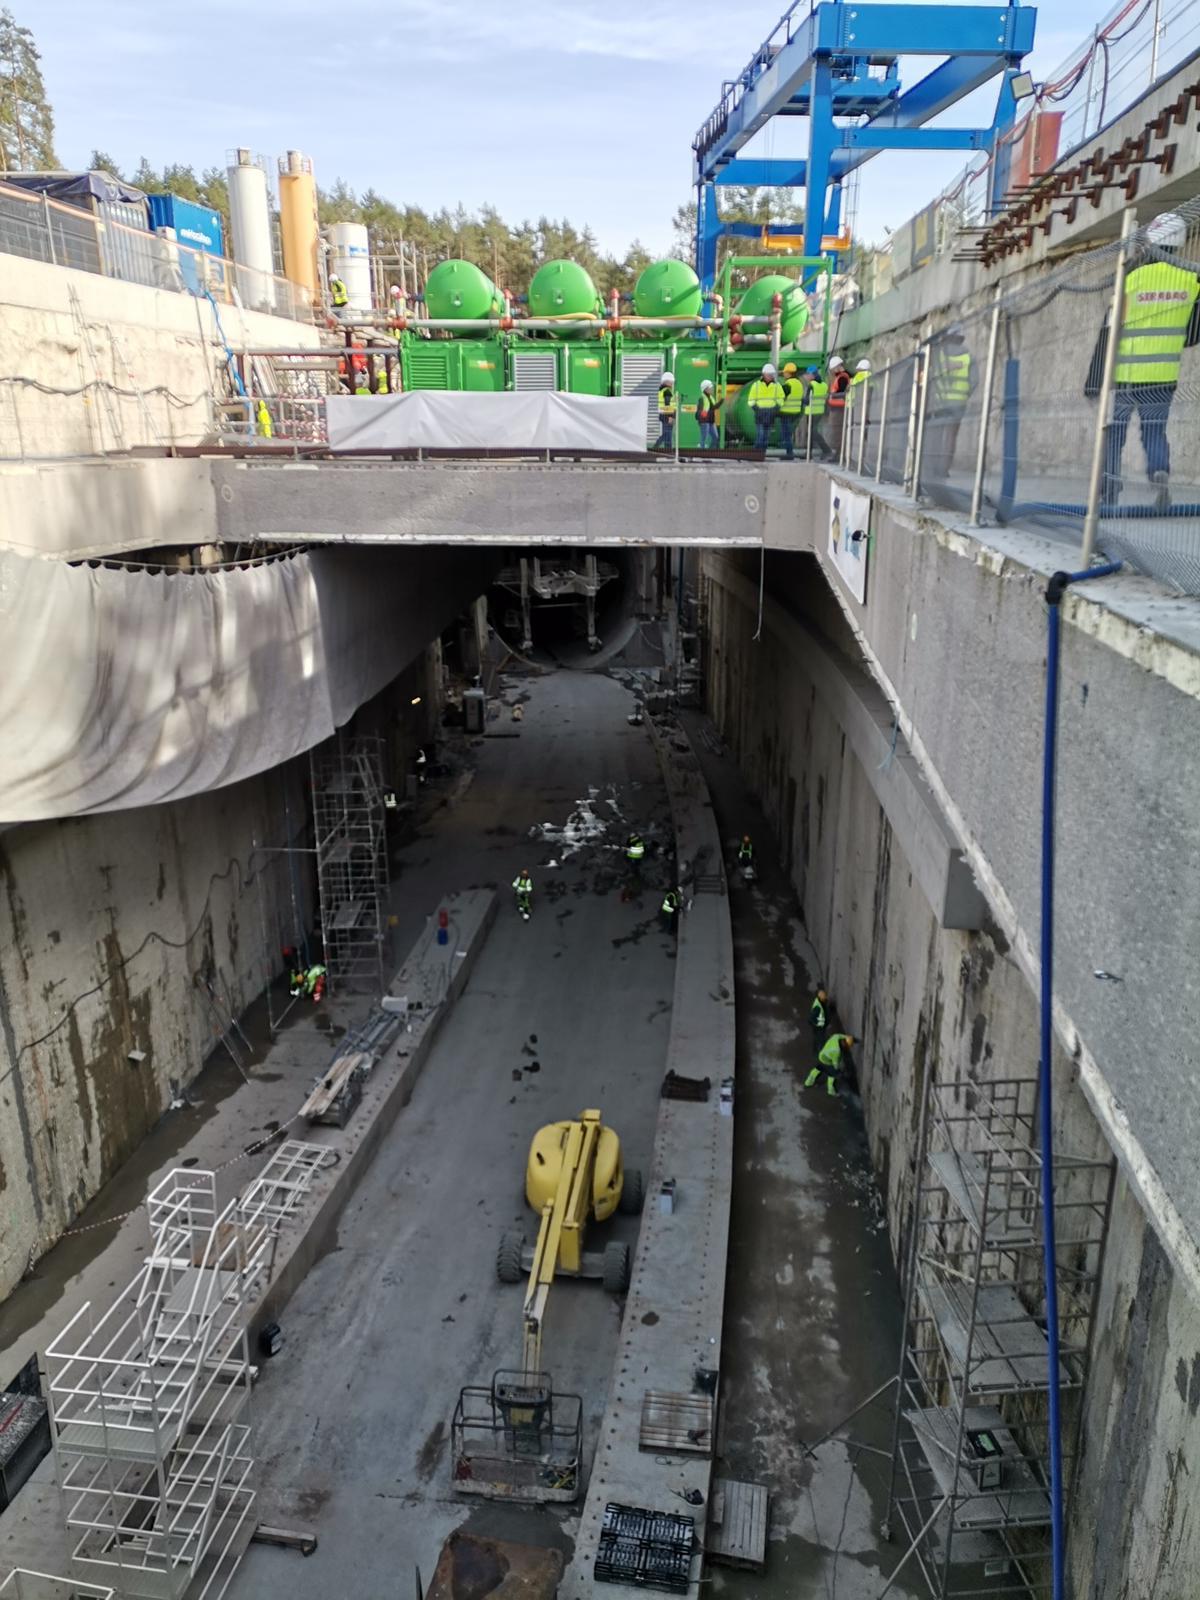 Świnoujście - Zobacz co wydarzyło się na budowie tunelu pod Świną